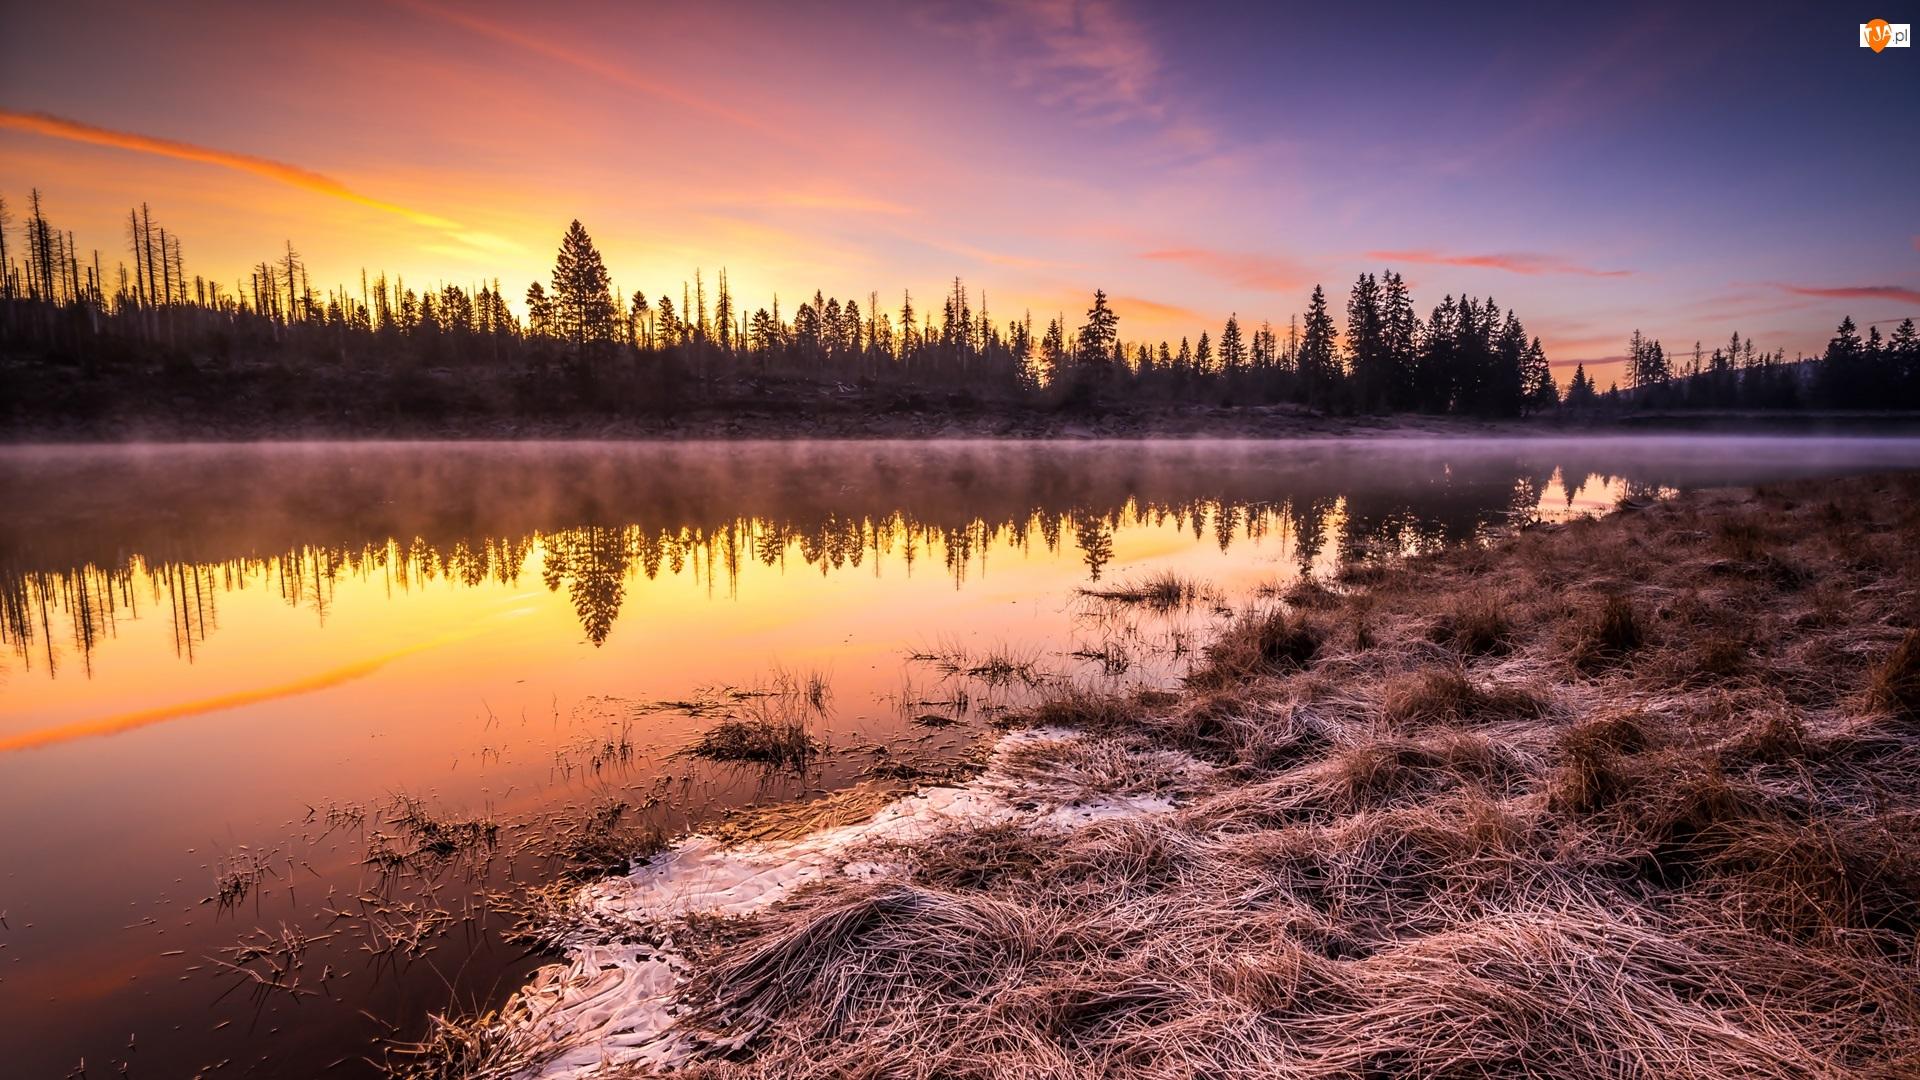 Drzewa, Wschód słońca, Trawa, Rzeka, Mgła